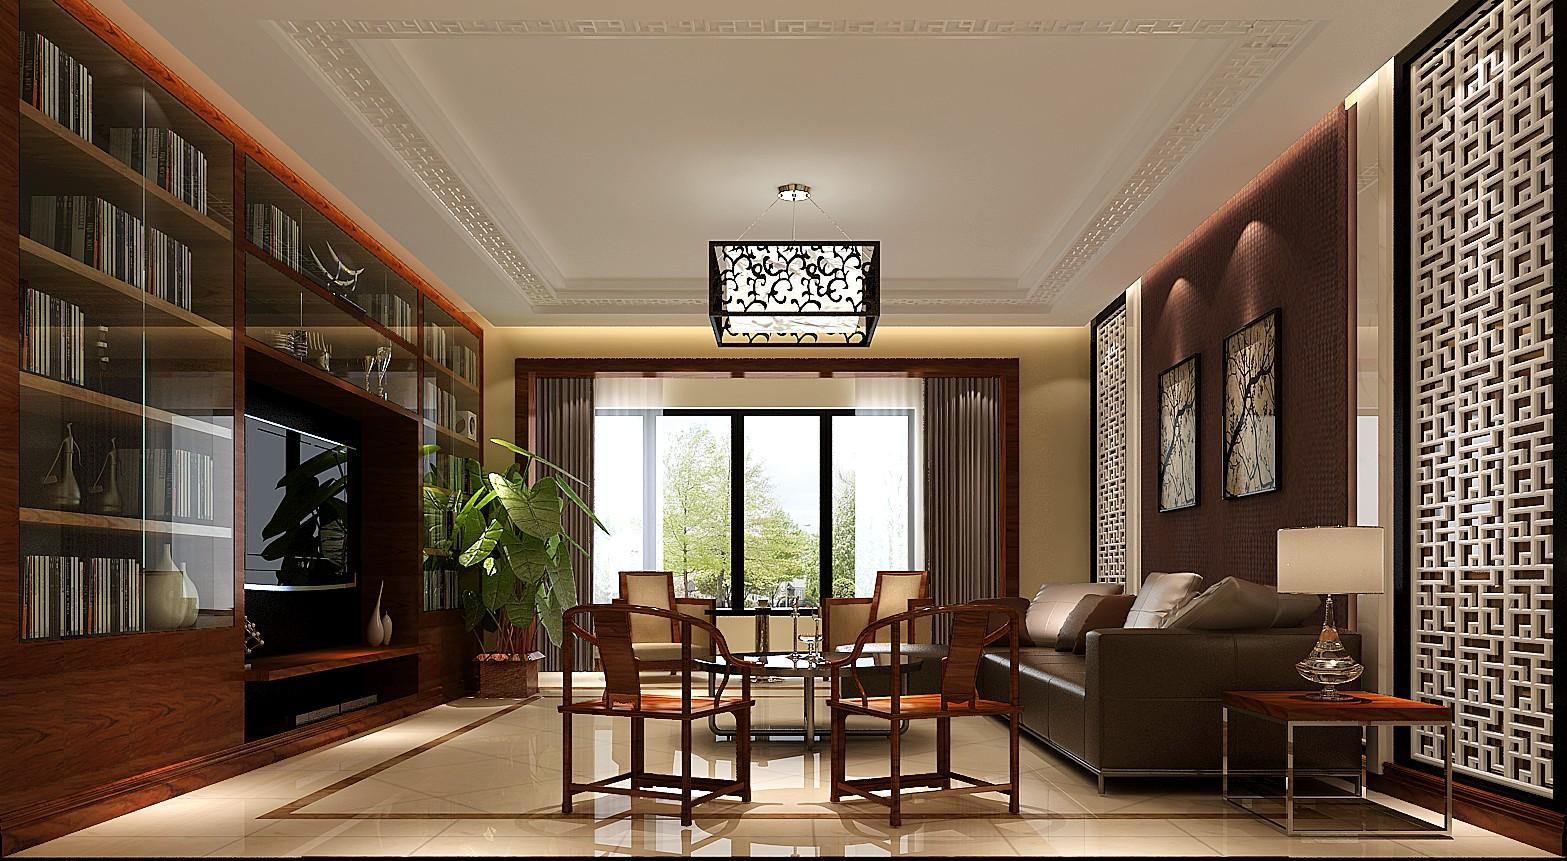 高度国际 三居 白领 别墅 80后 简约 新中式 小资 白富美 客厅图片来自北京高度国际装饰设计在西山壹号院280平新中式的分享